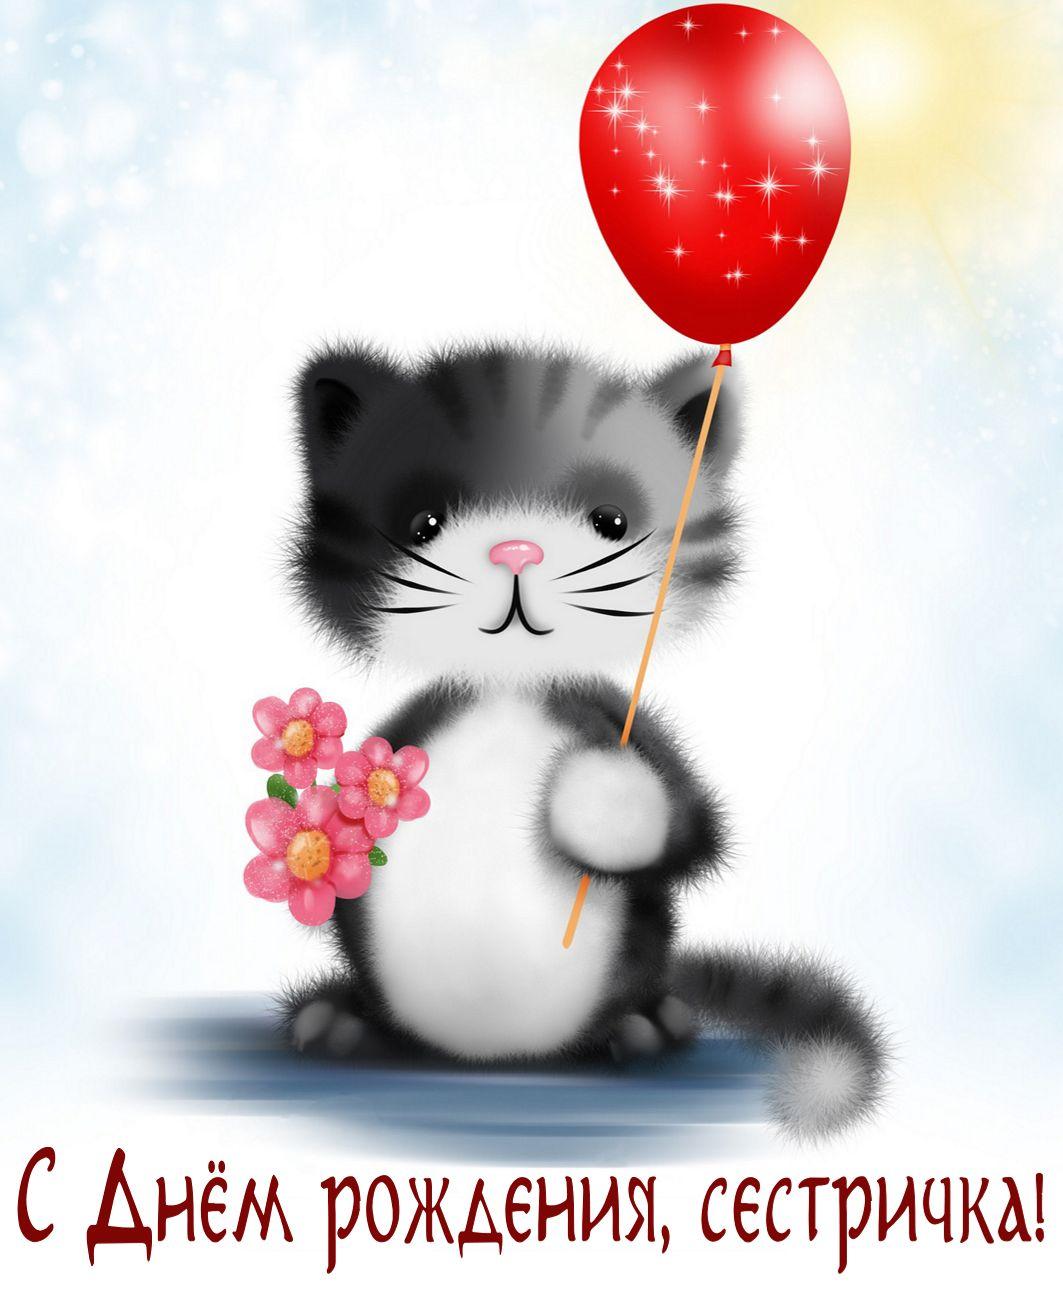 Открытка на День рождения - забавный котик с шариком и ...